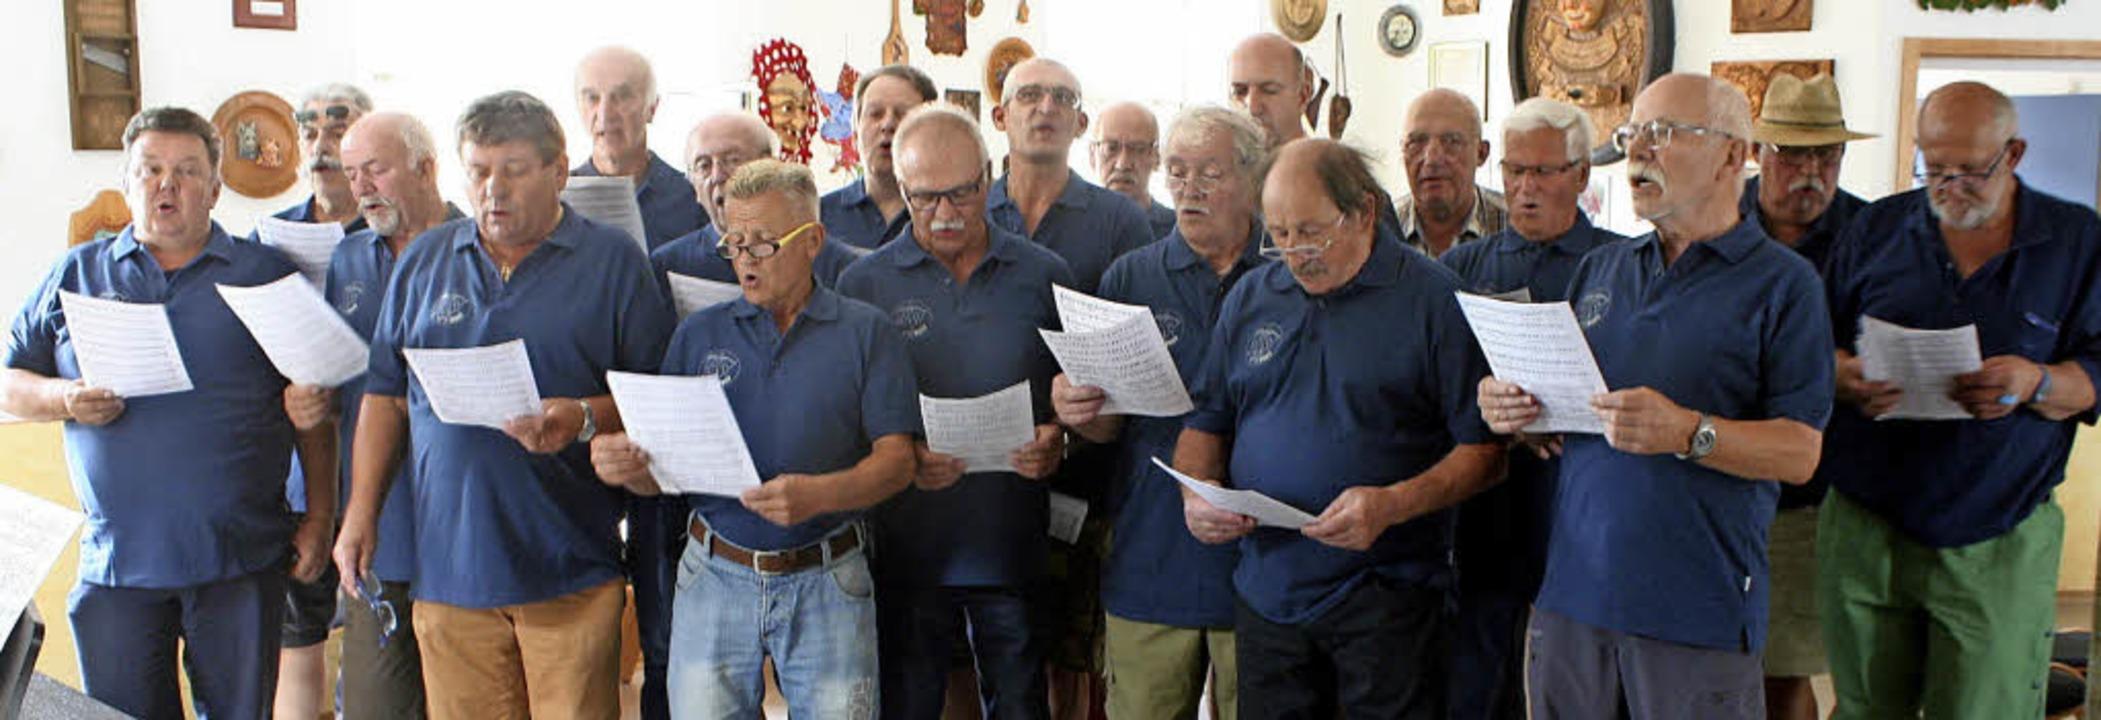 Der Ruster Männersangverein ist auf der Suche nach Sängernachwuchs.     Foto: Michael Masson